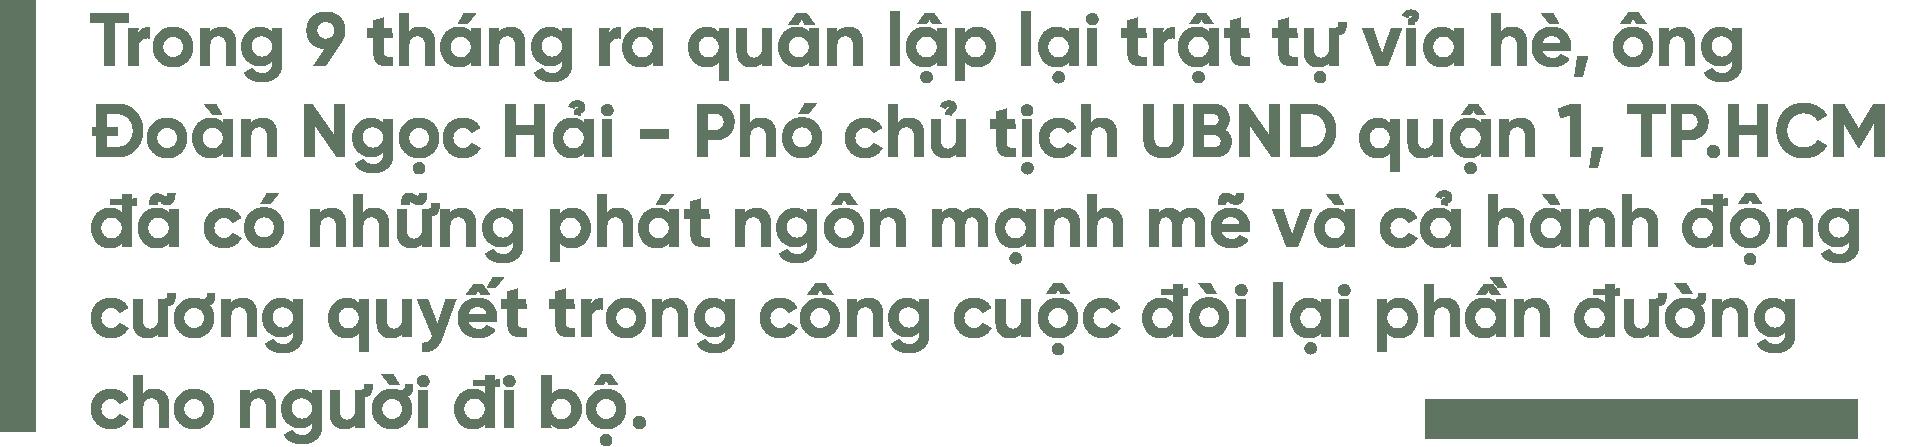 """Phát ngôn """"cứng như thép"""" của ông Đoàn Ngọc Hải trong 9 tháng giành lại vỉa hè - 3"""